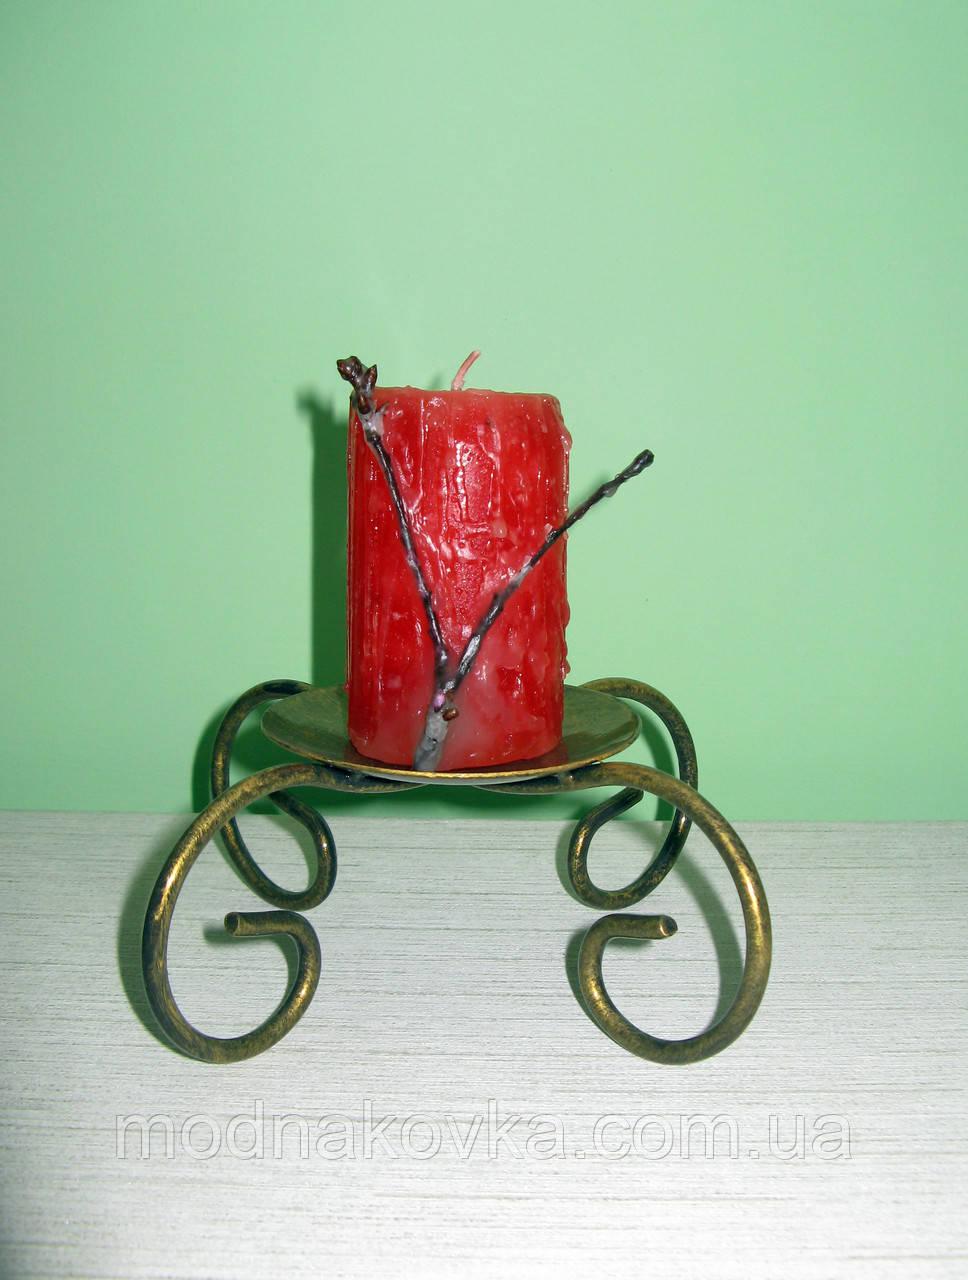 Кованый подсвечник на 1 свечу